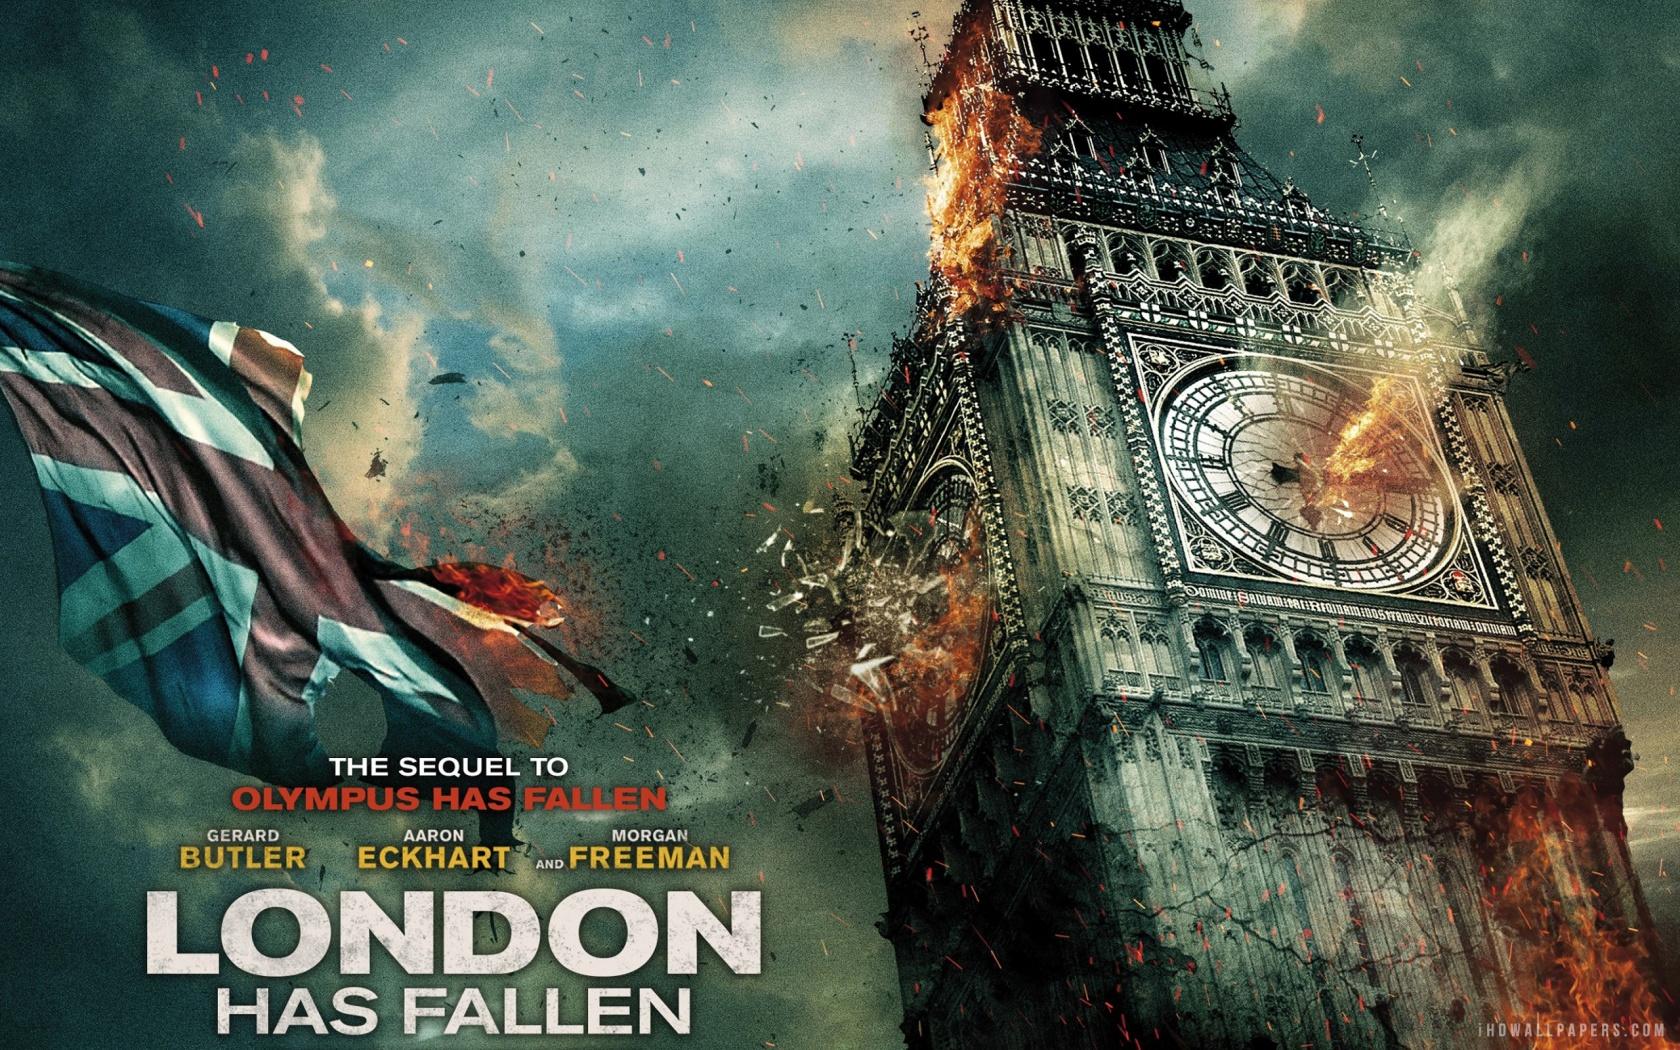 London Has Fallen Wallpaper 1680x1050